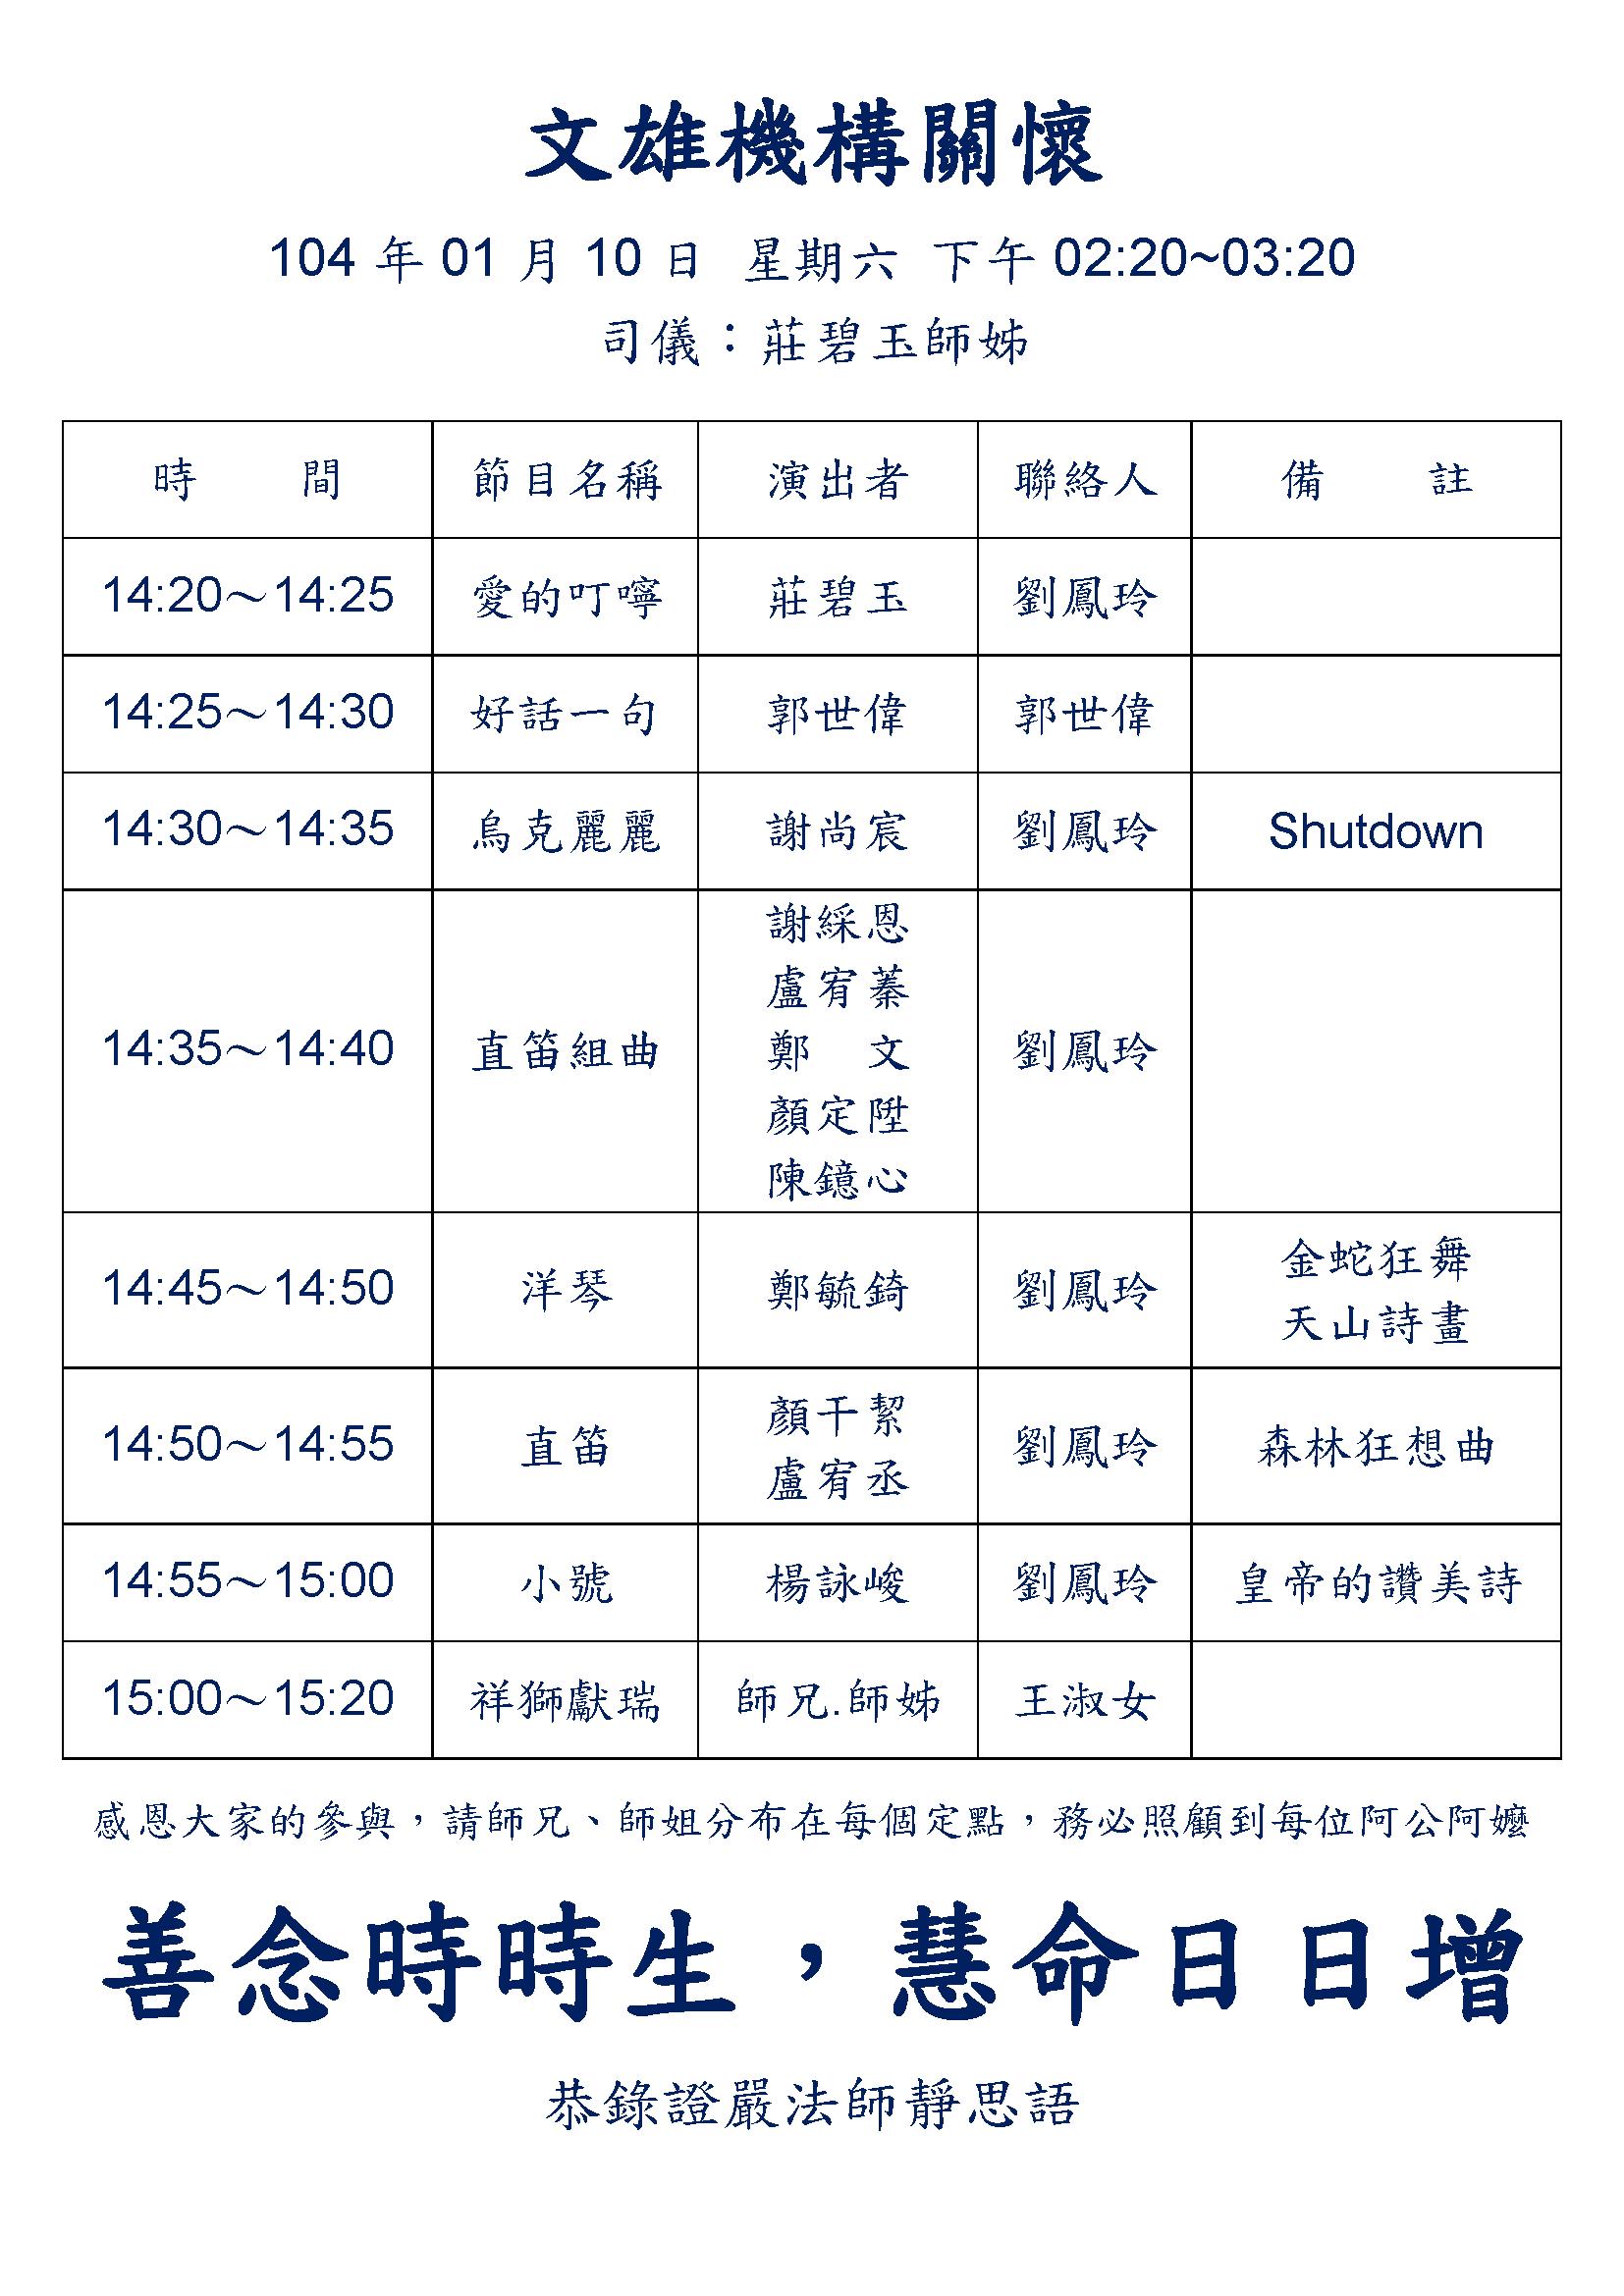 20150110-機構關懷_頁面_1.png